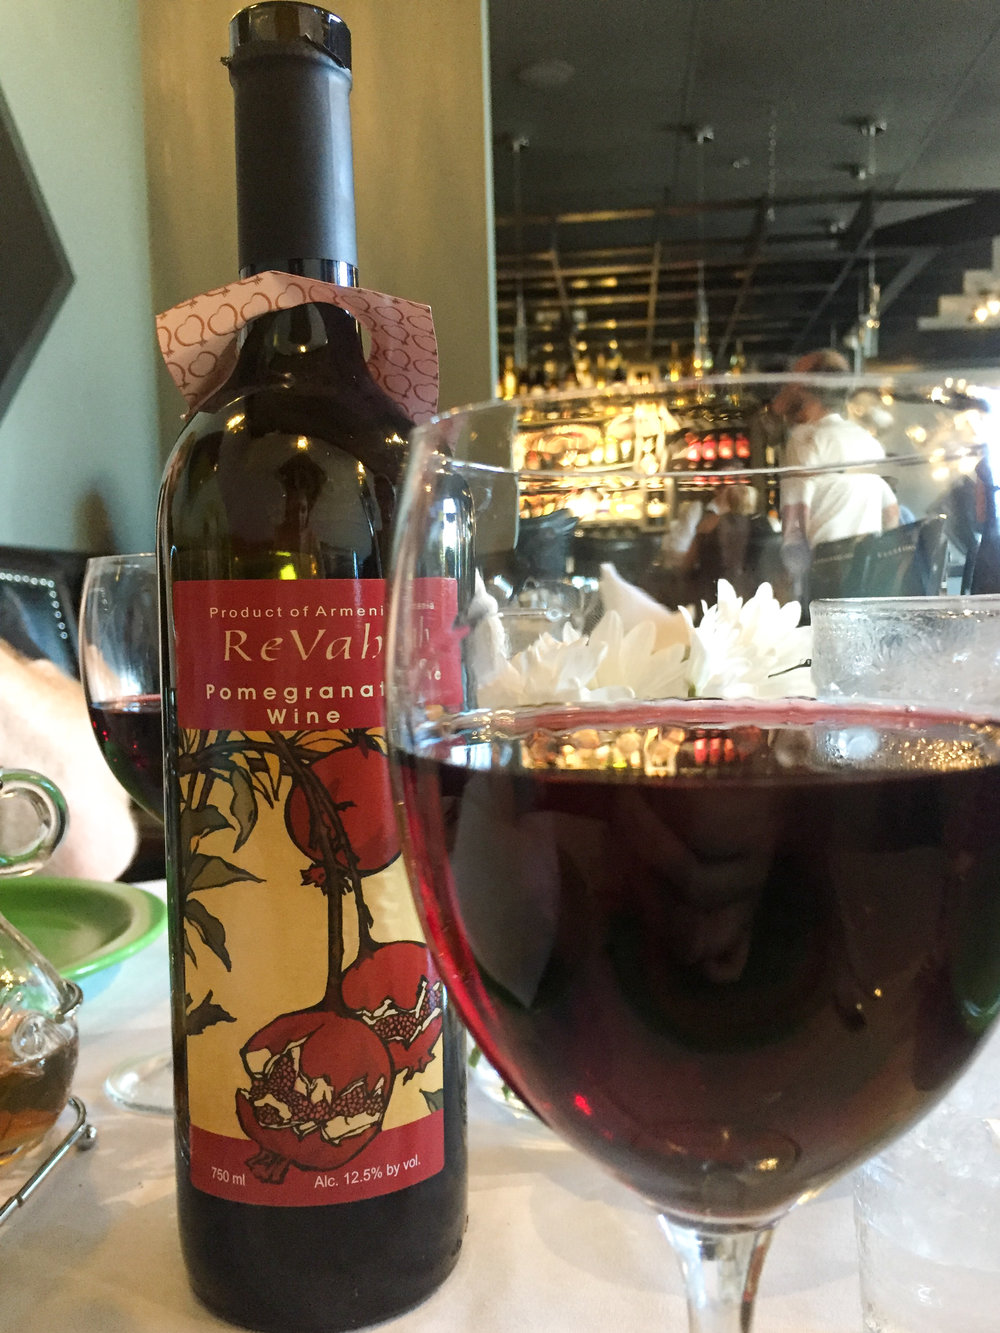 ararat17-matthews-charlotte-nc-armenian-restaurant-pomegranate-wine